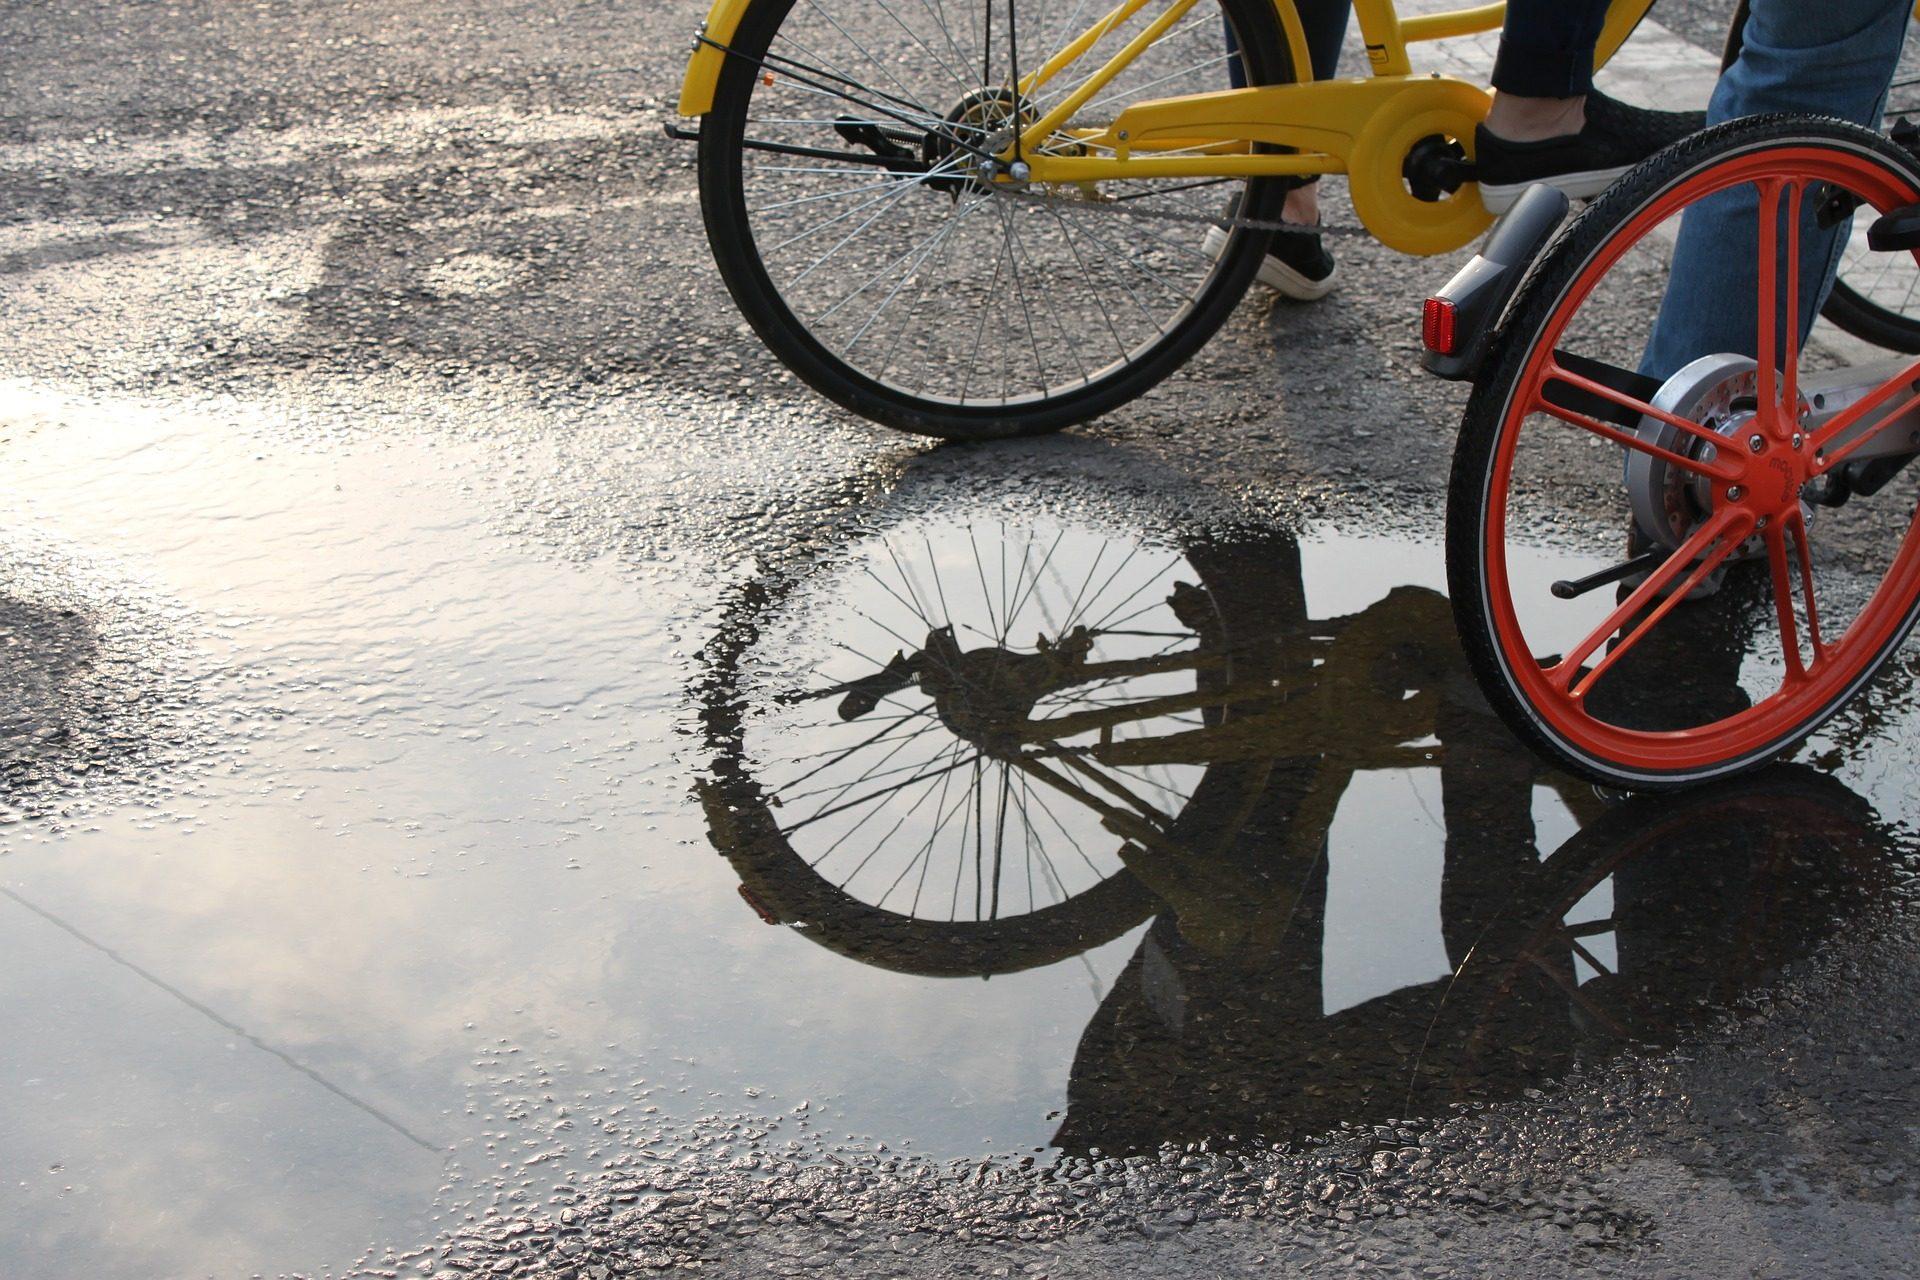 自行车, 车轮, 水坑, 反思, 水 - 高清壁纸 - 教授-falken.com